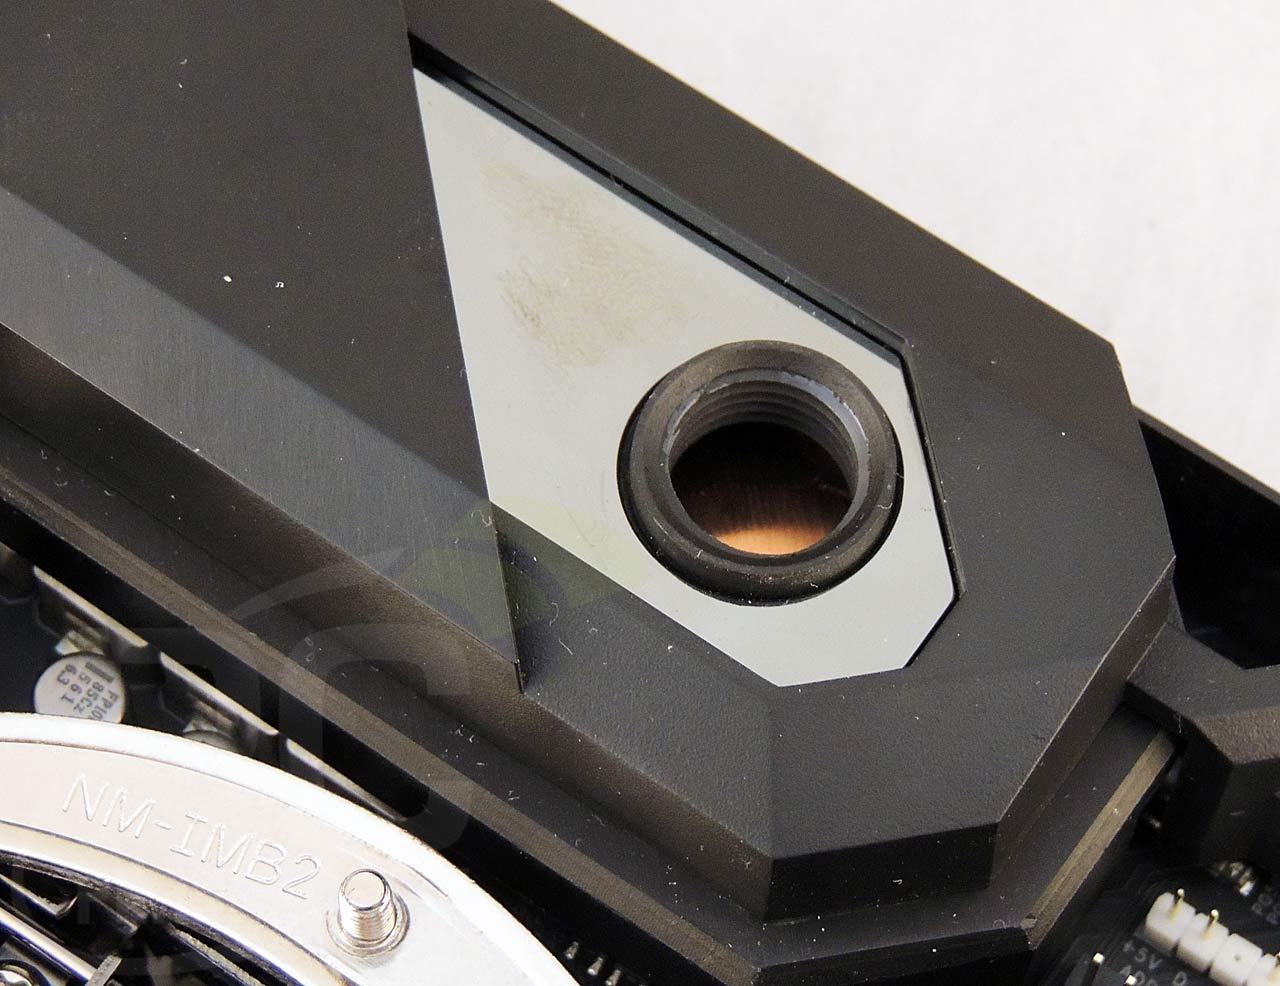 09-cpu-vrm-port-closeup-1.jpg